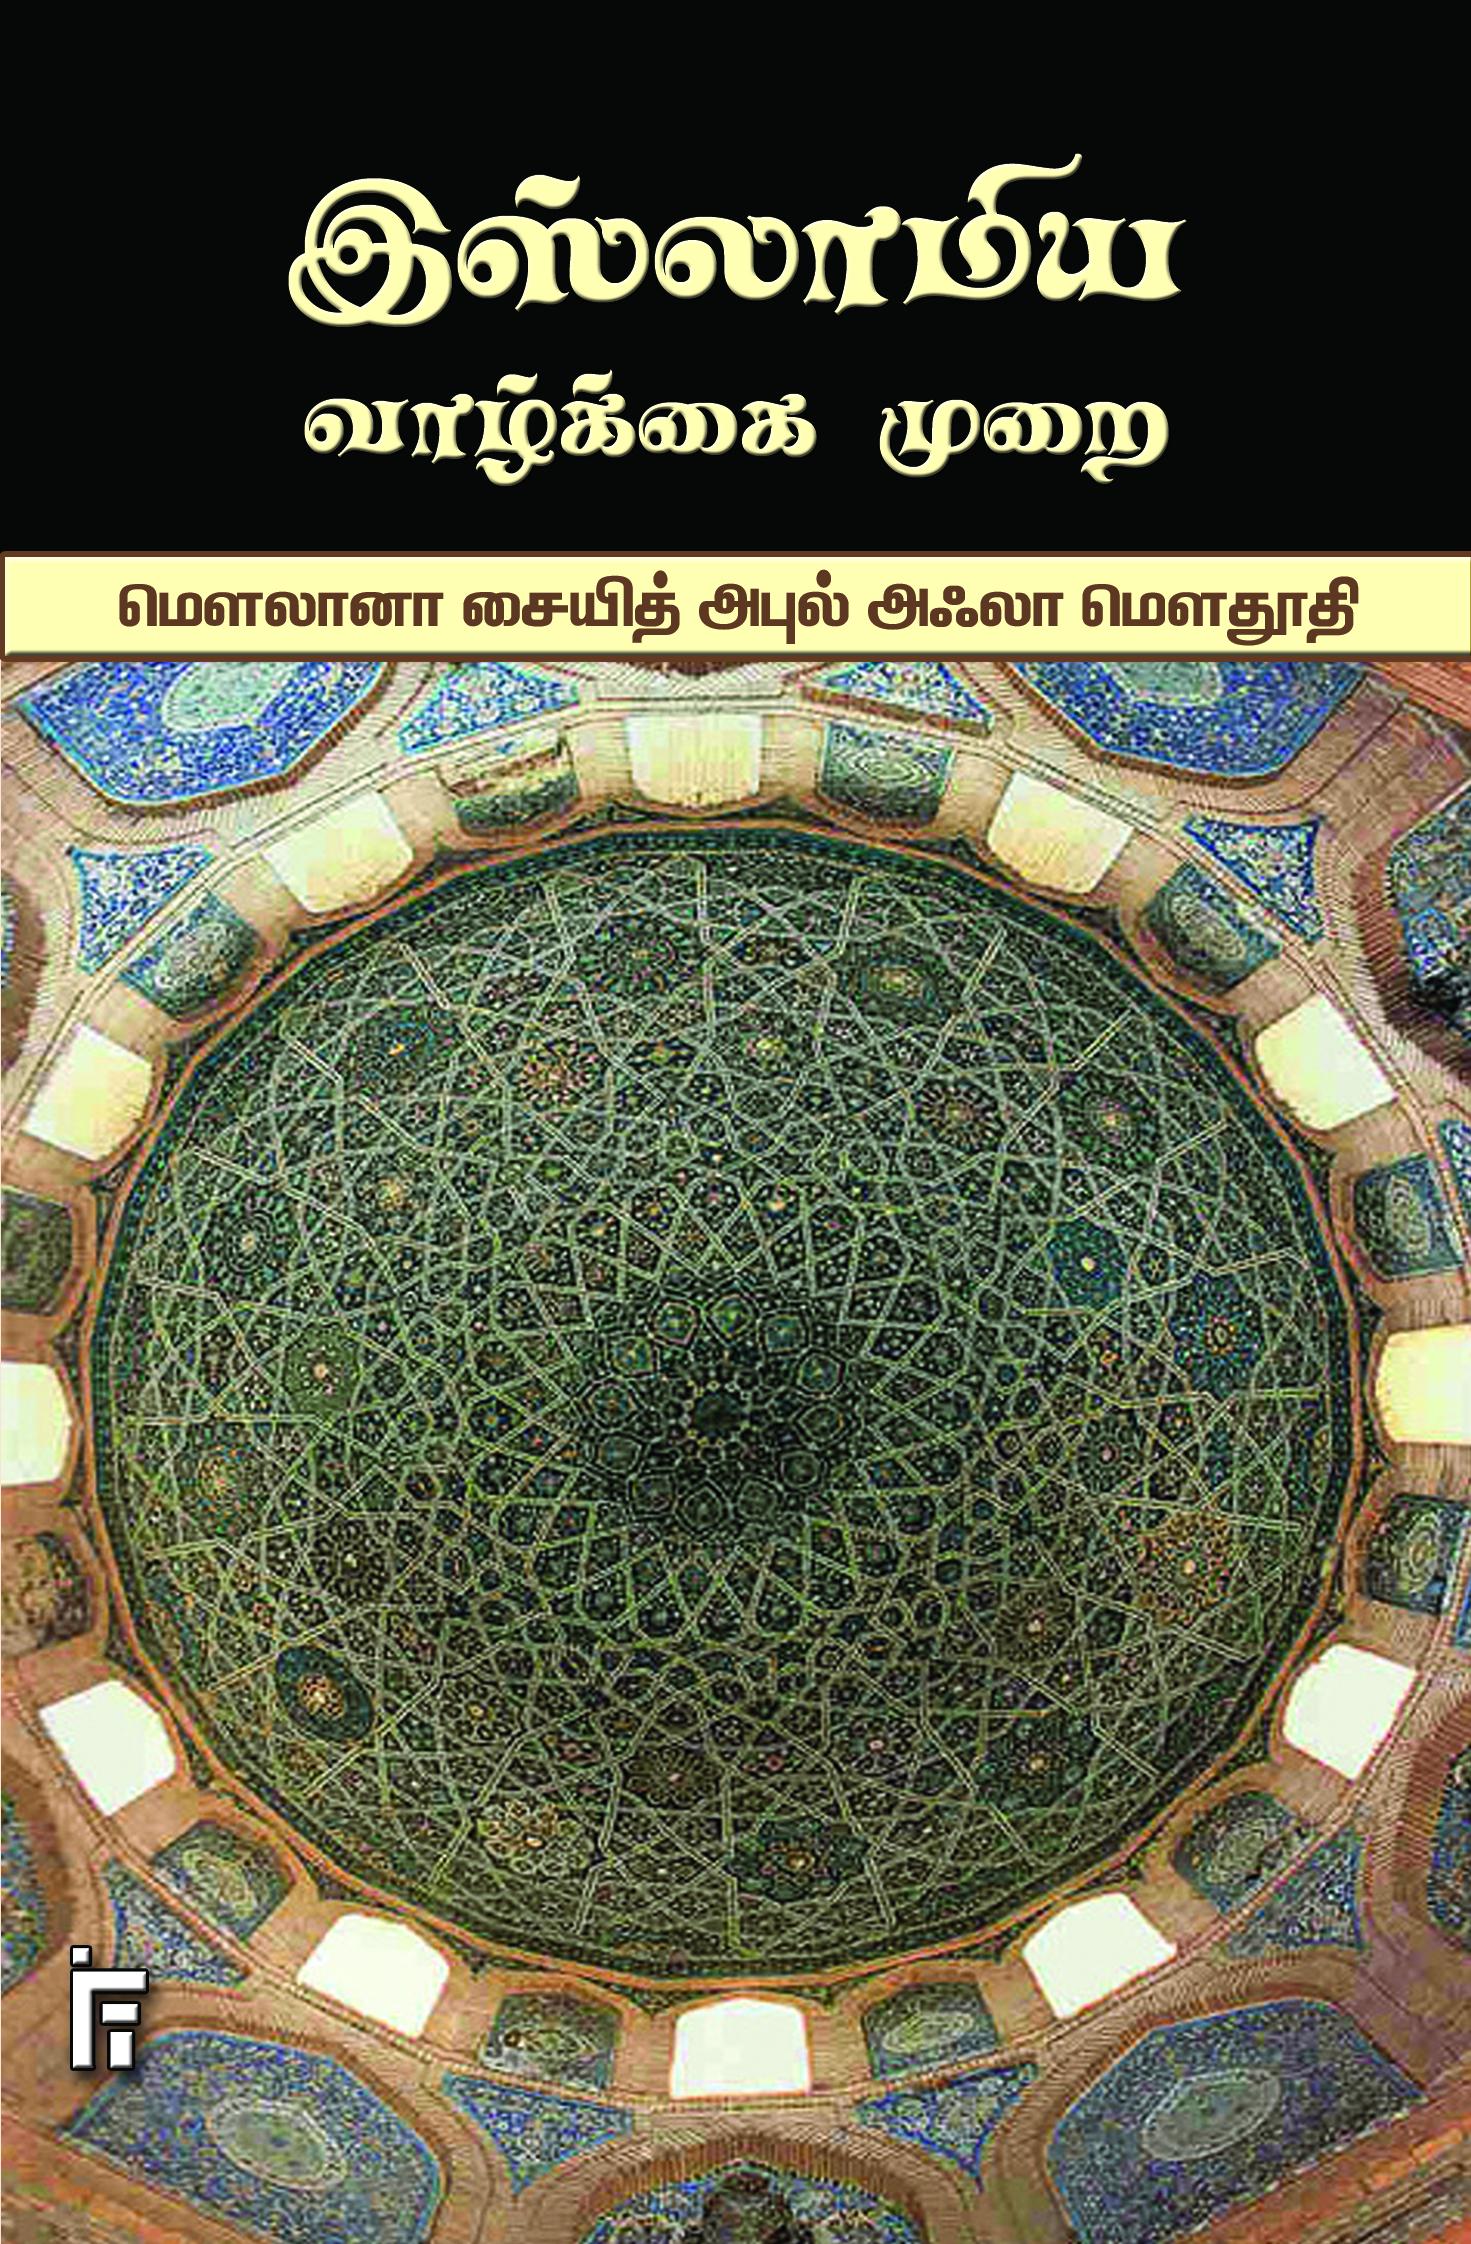 இஸ்லாமிய வாழ்க்கை முறை